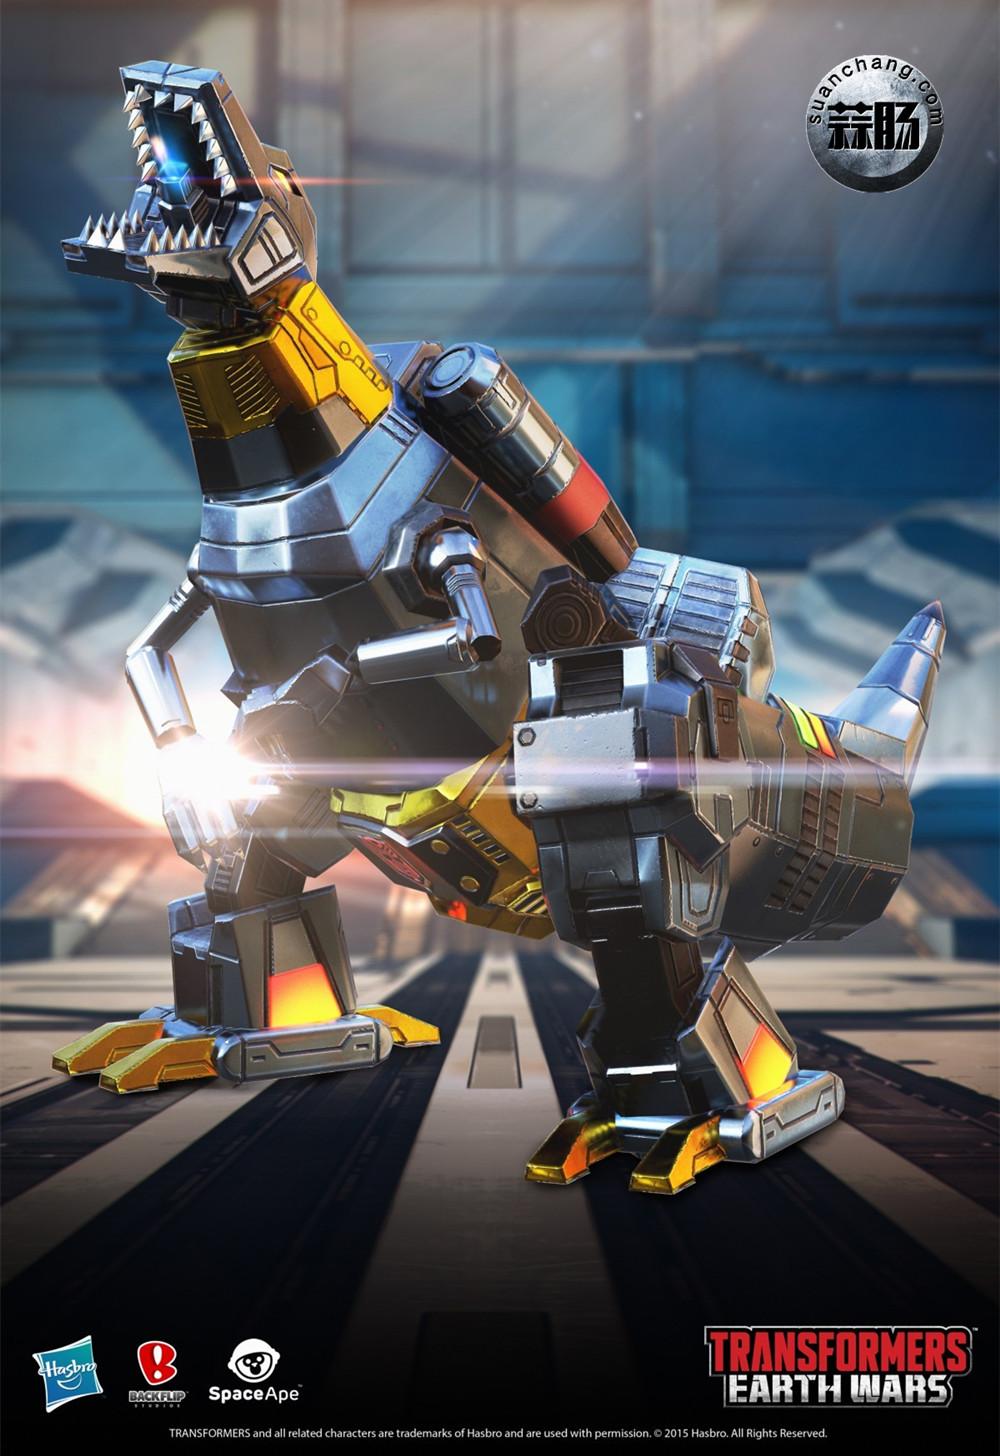 Transformers Earth Wars 游戏人物(一) 变形金刚 第5张